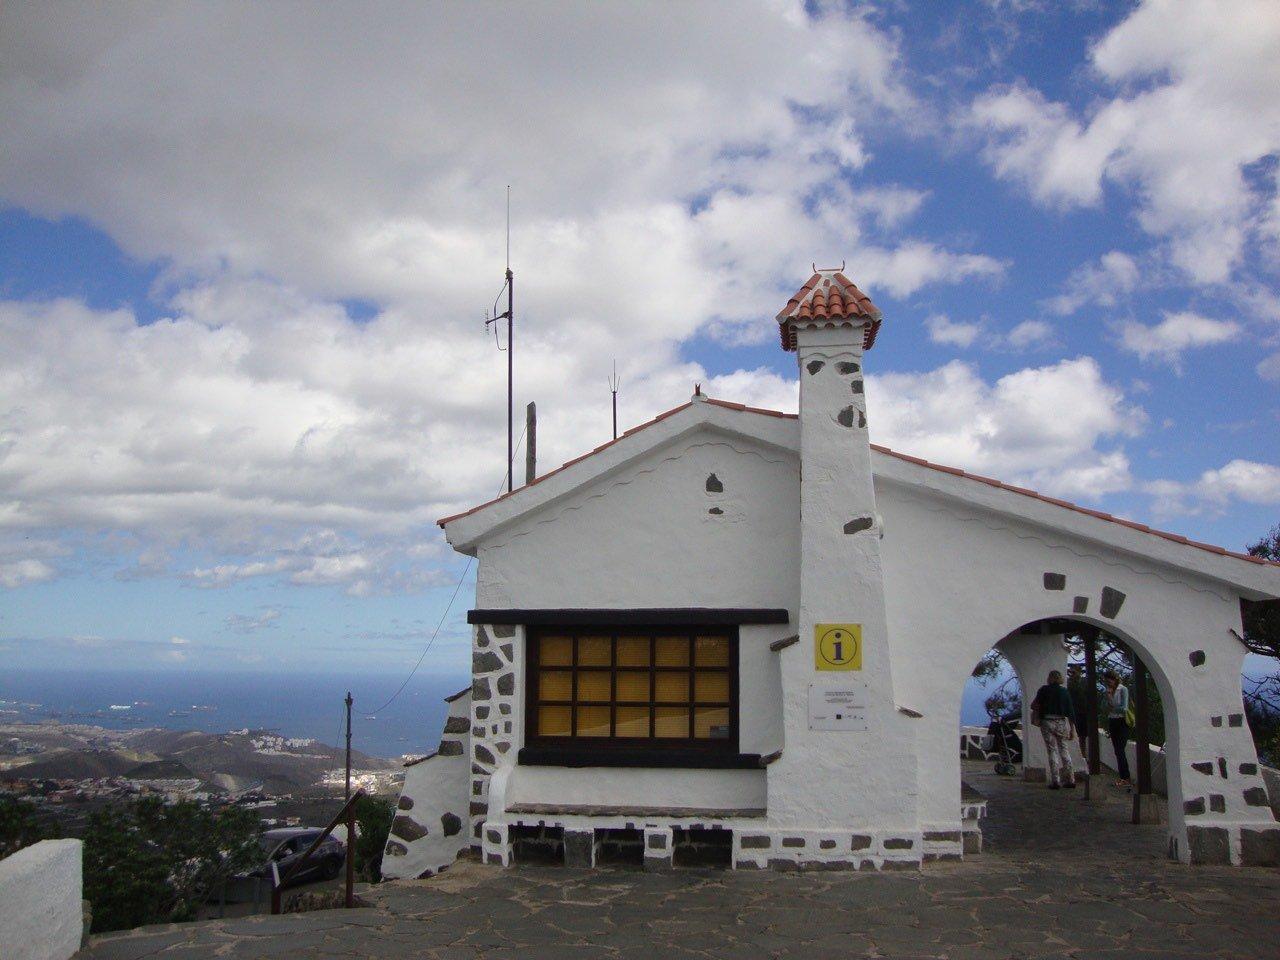 Hoyos de Bandama La Palma Gran Canaria